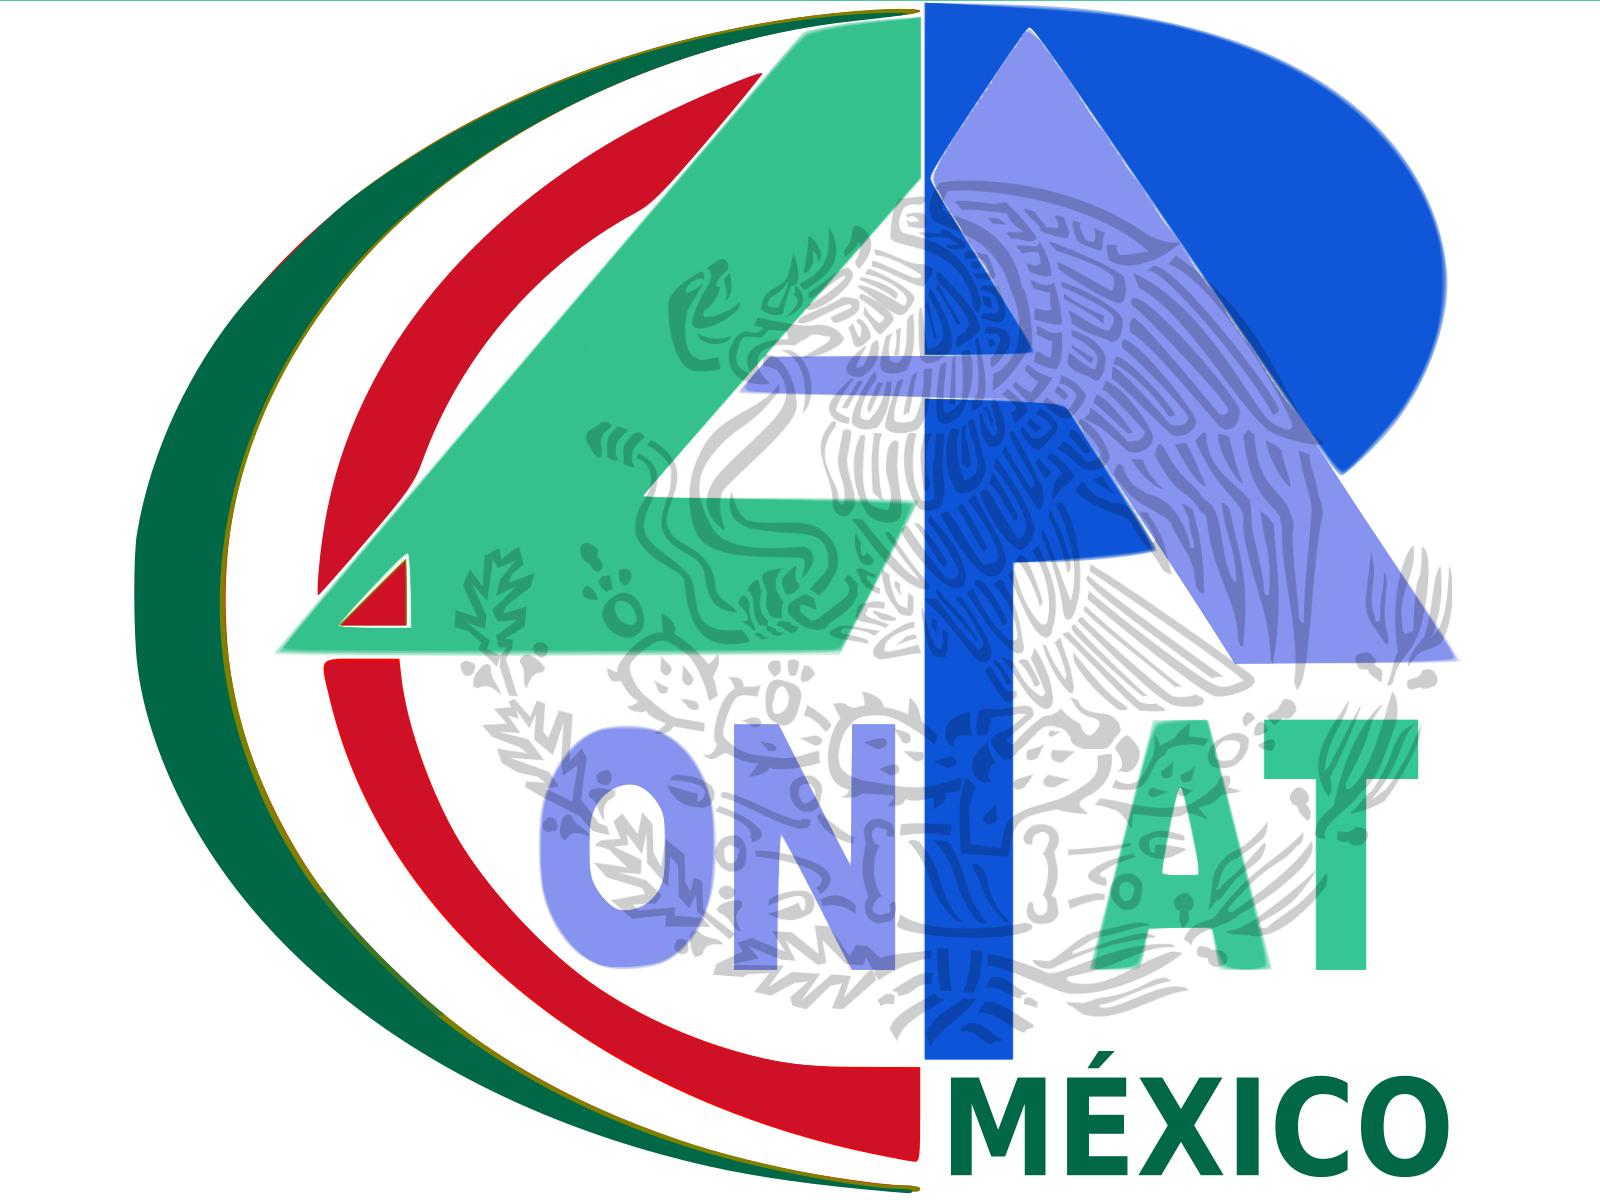 Hello Alconpat México!